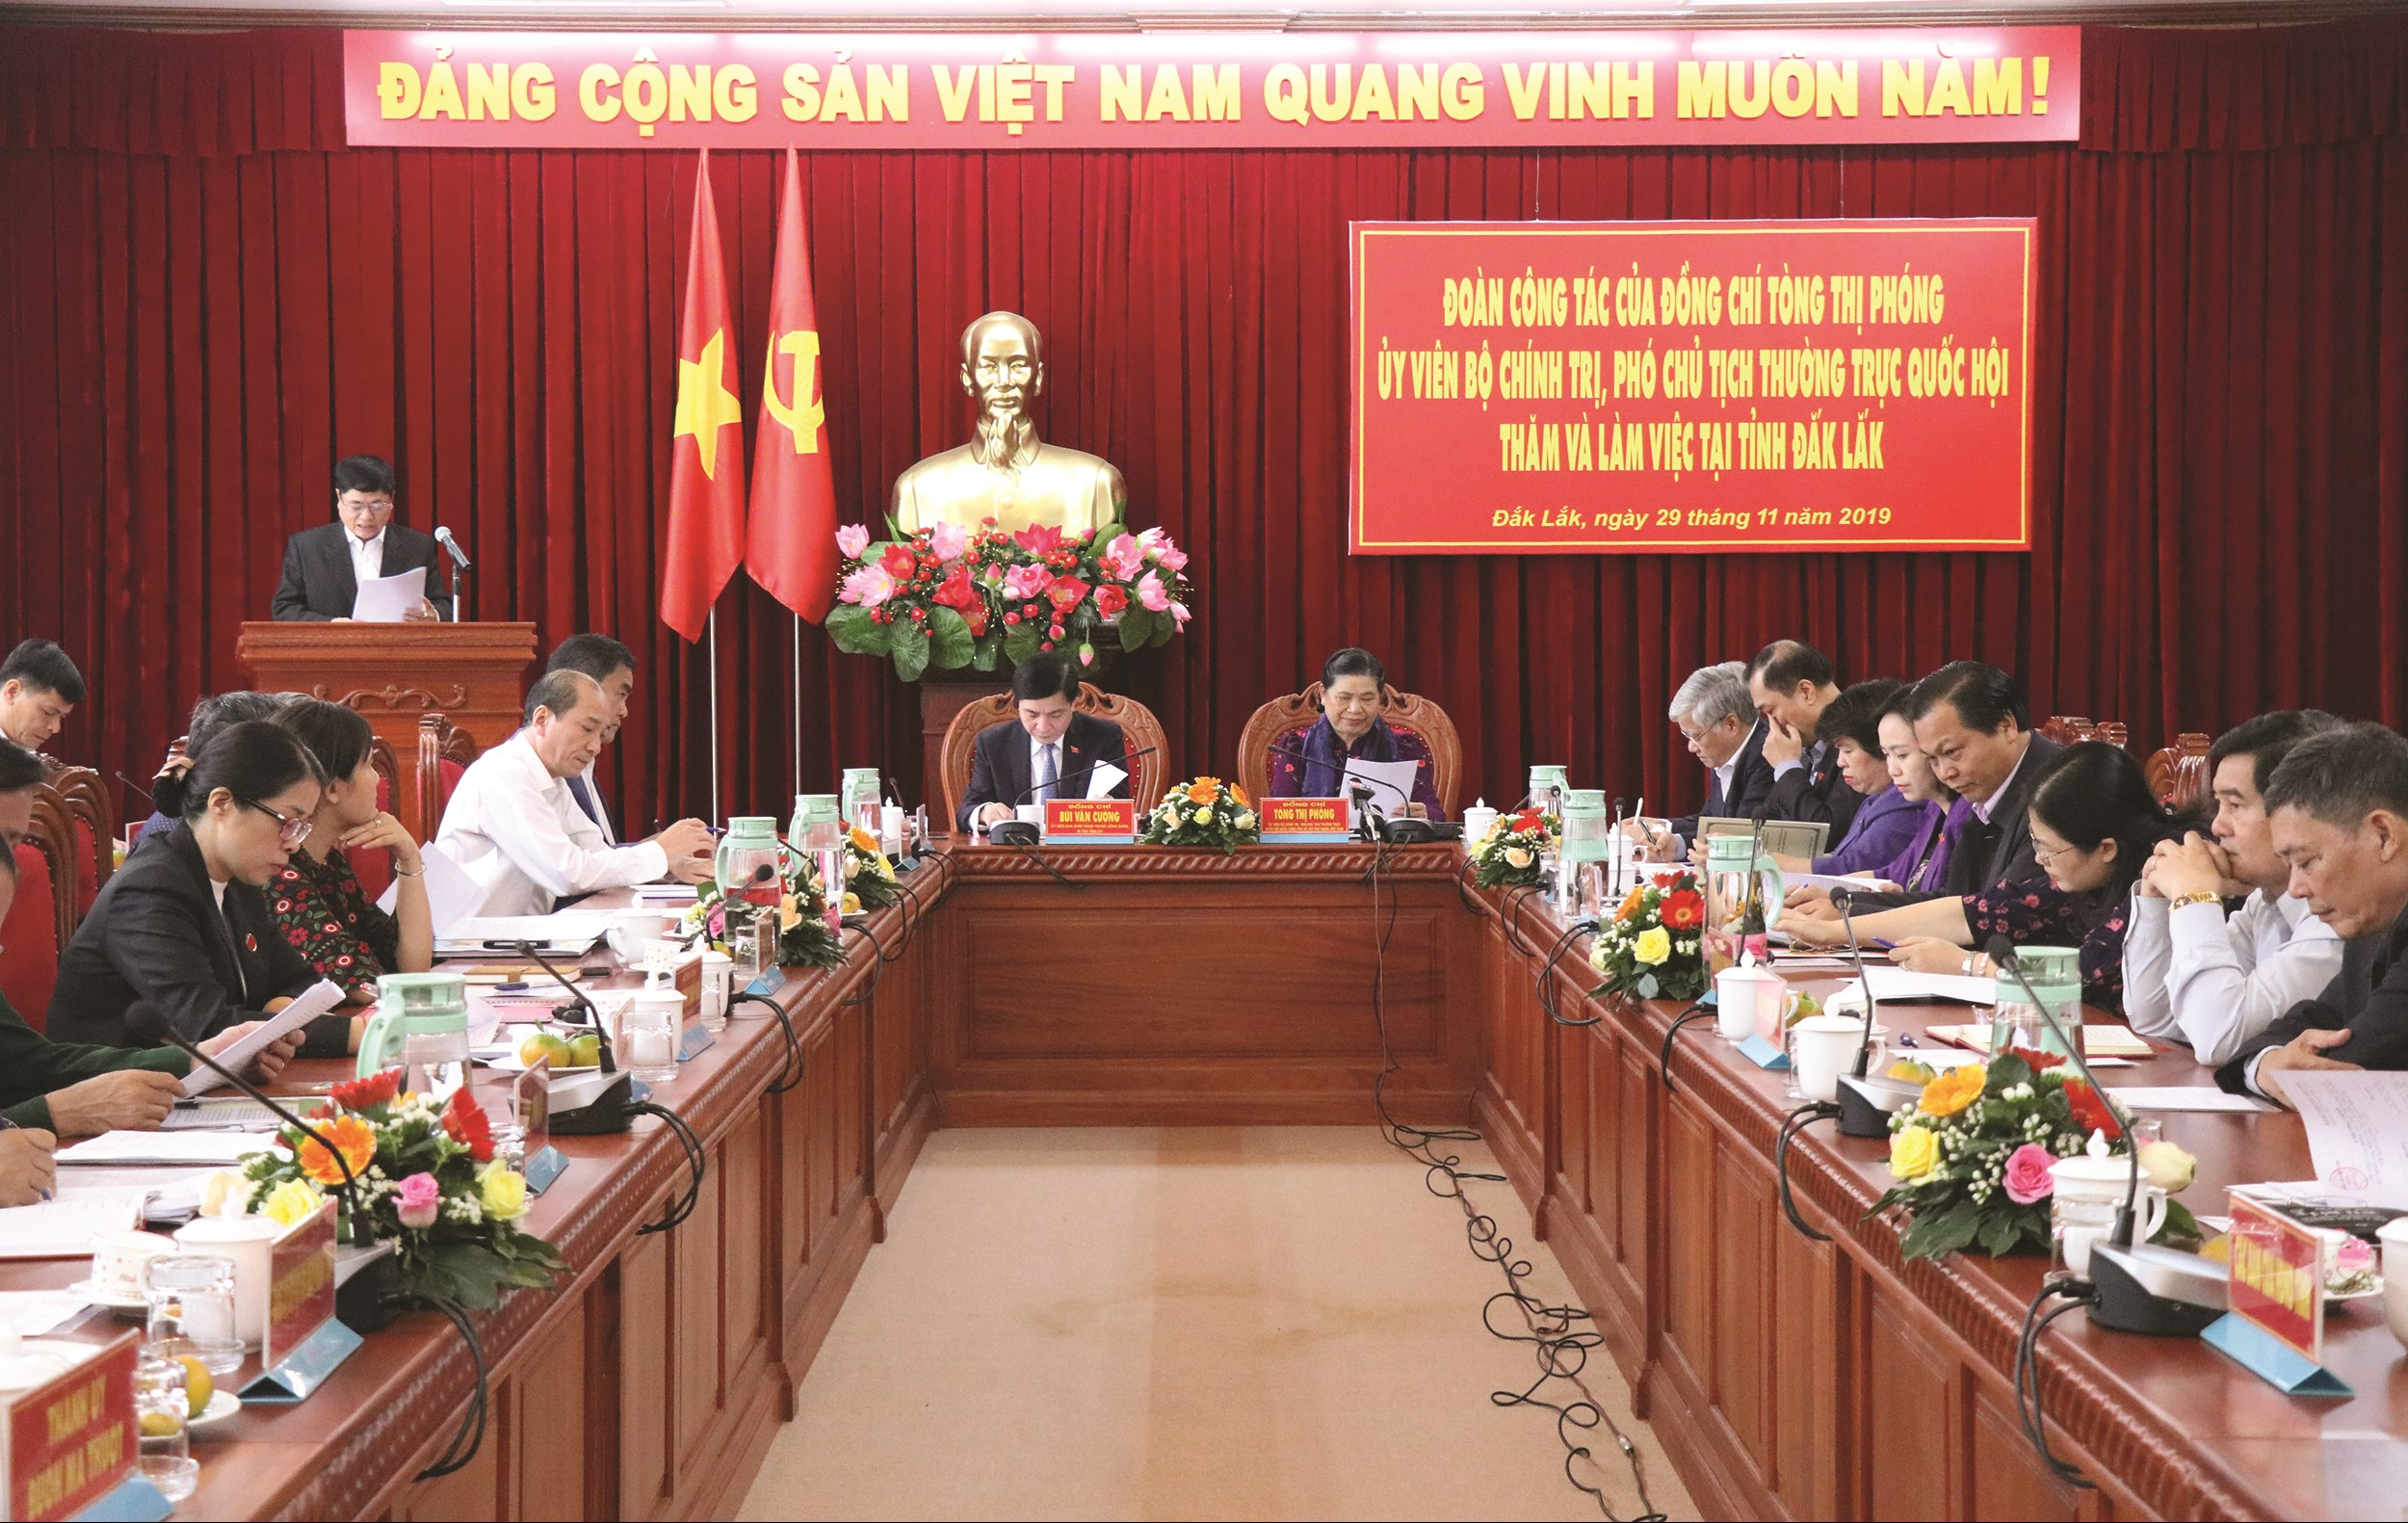 Phó Chủ tịch Thường trực Quốc hội Tòng Thị Phóng làm việc với Ban Thường vụ tỉnh Đăk Lăk